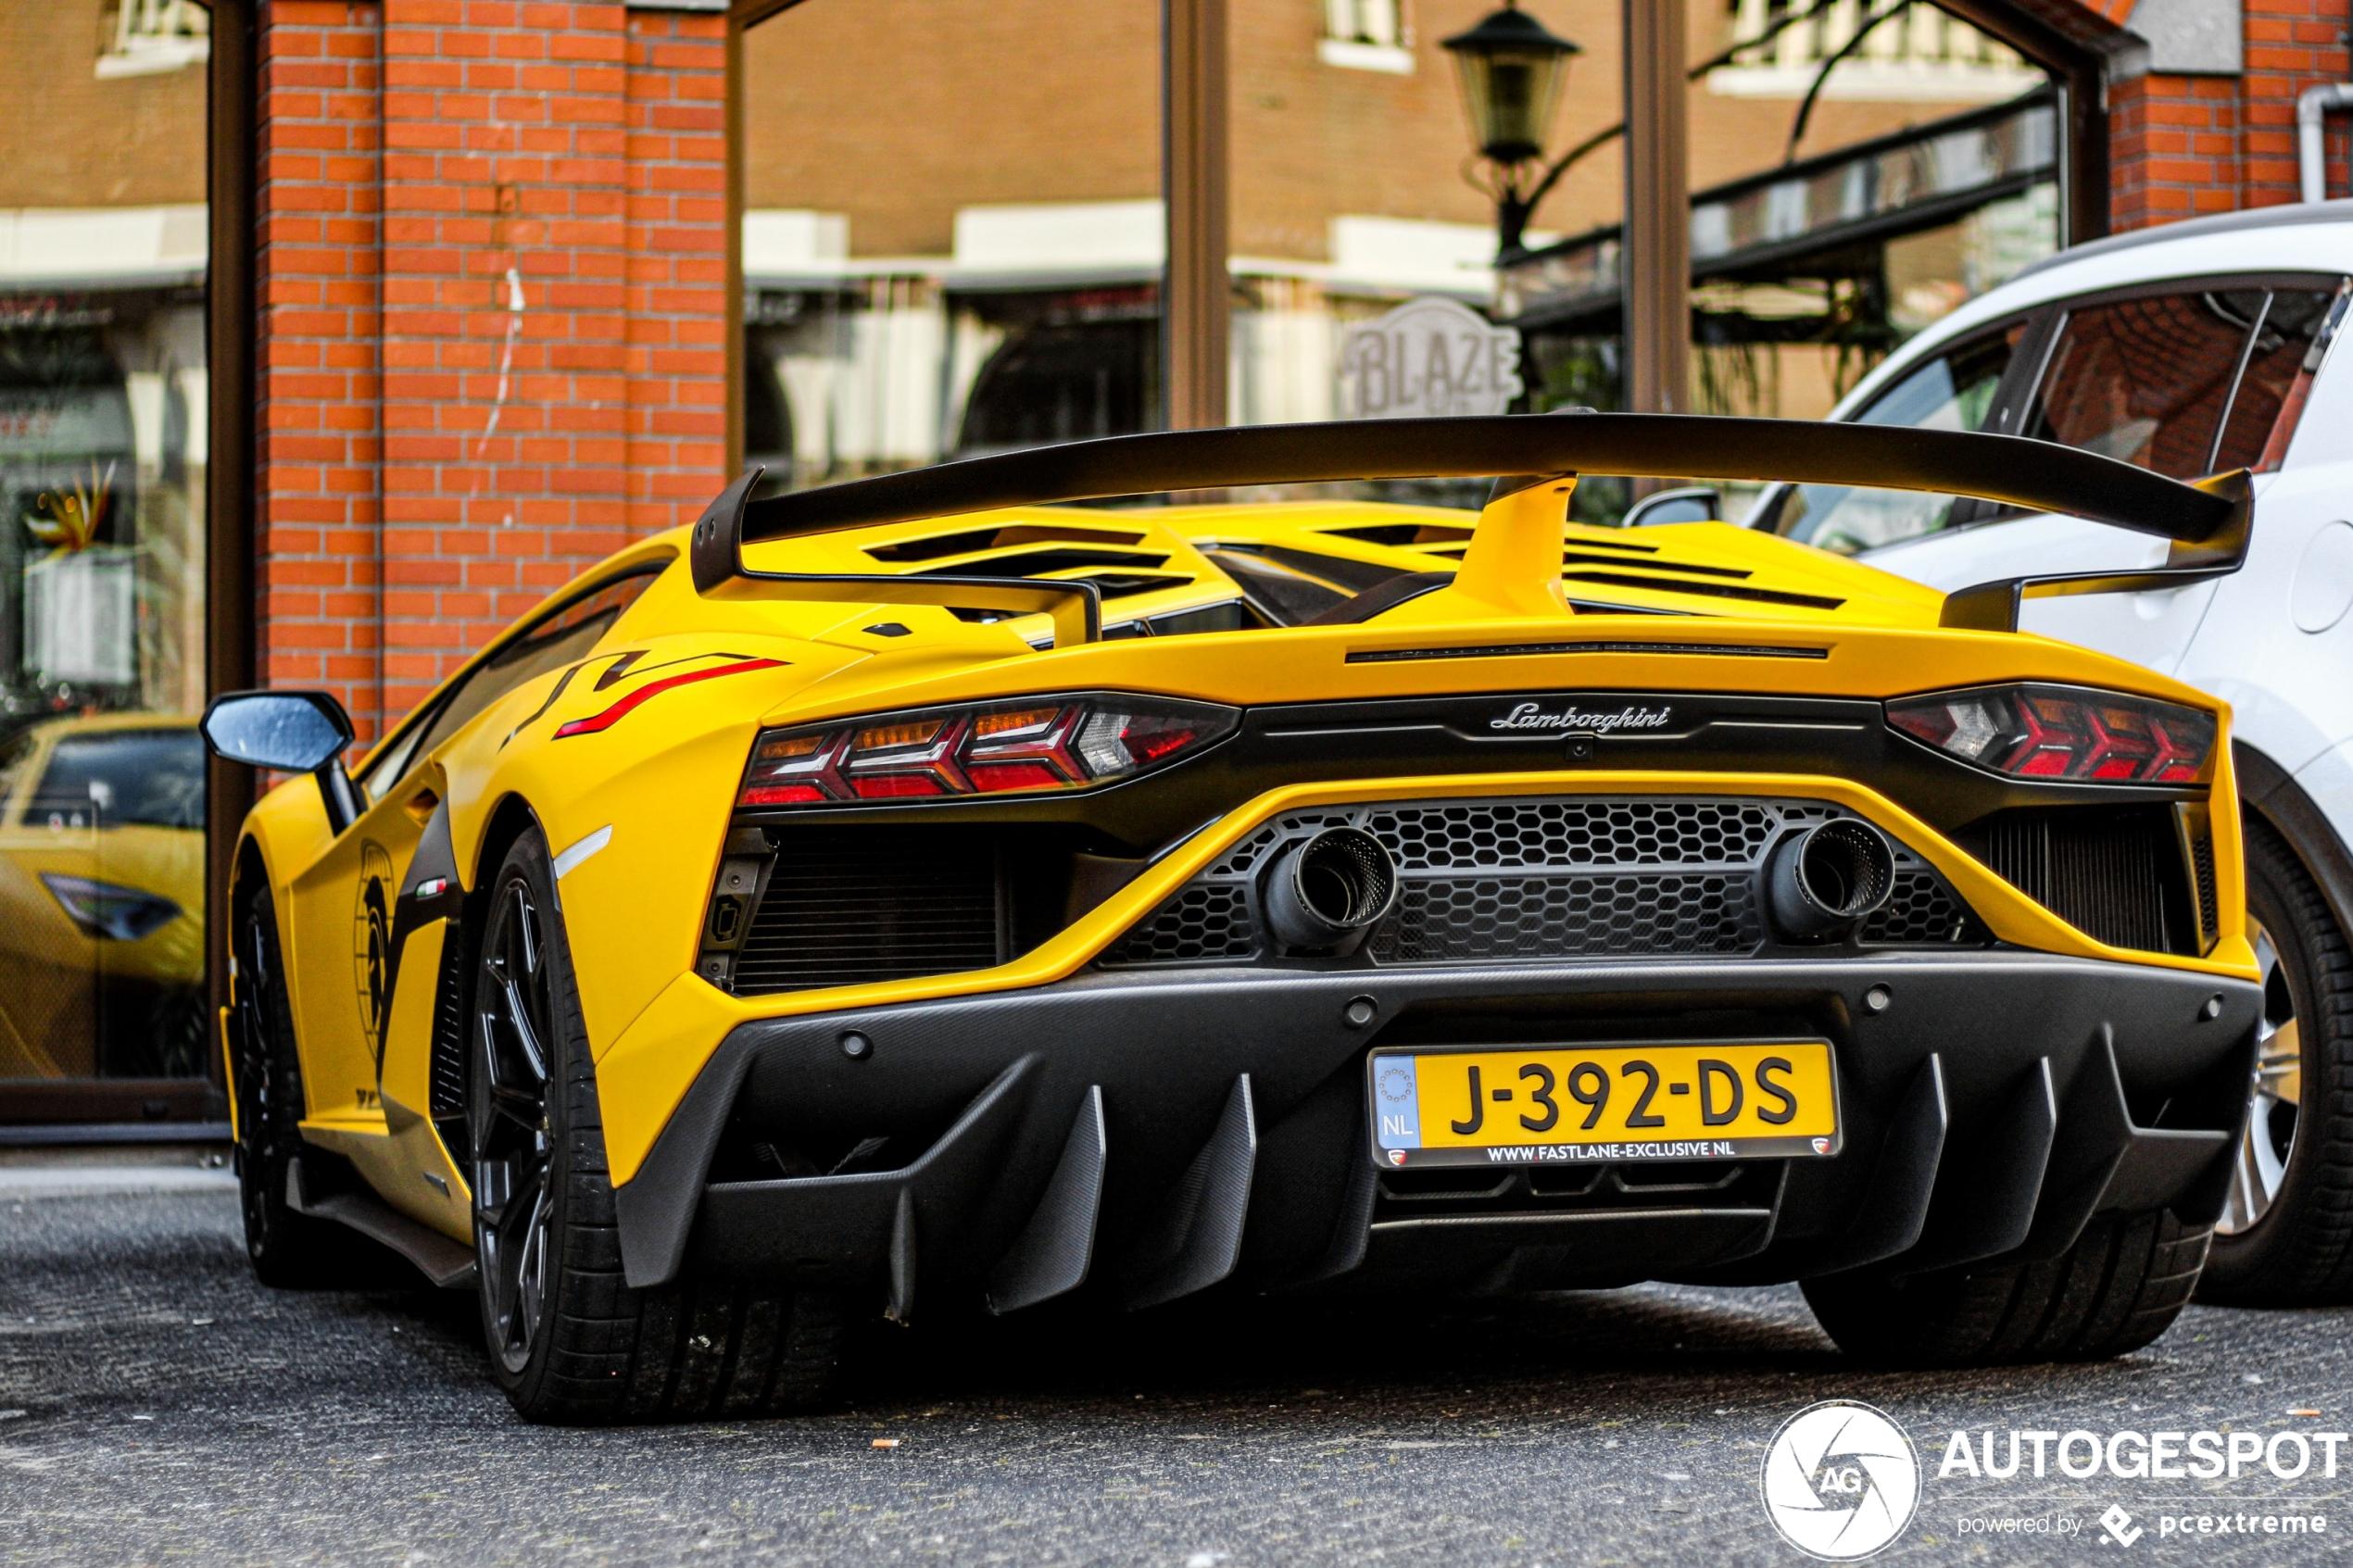 Spot van de dag: Lamborghini Aventador LP770-4 SVJ